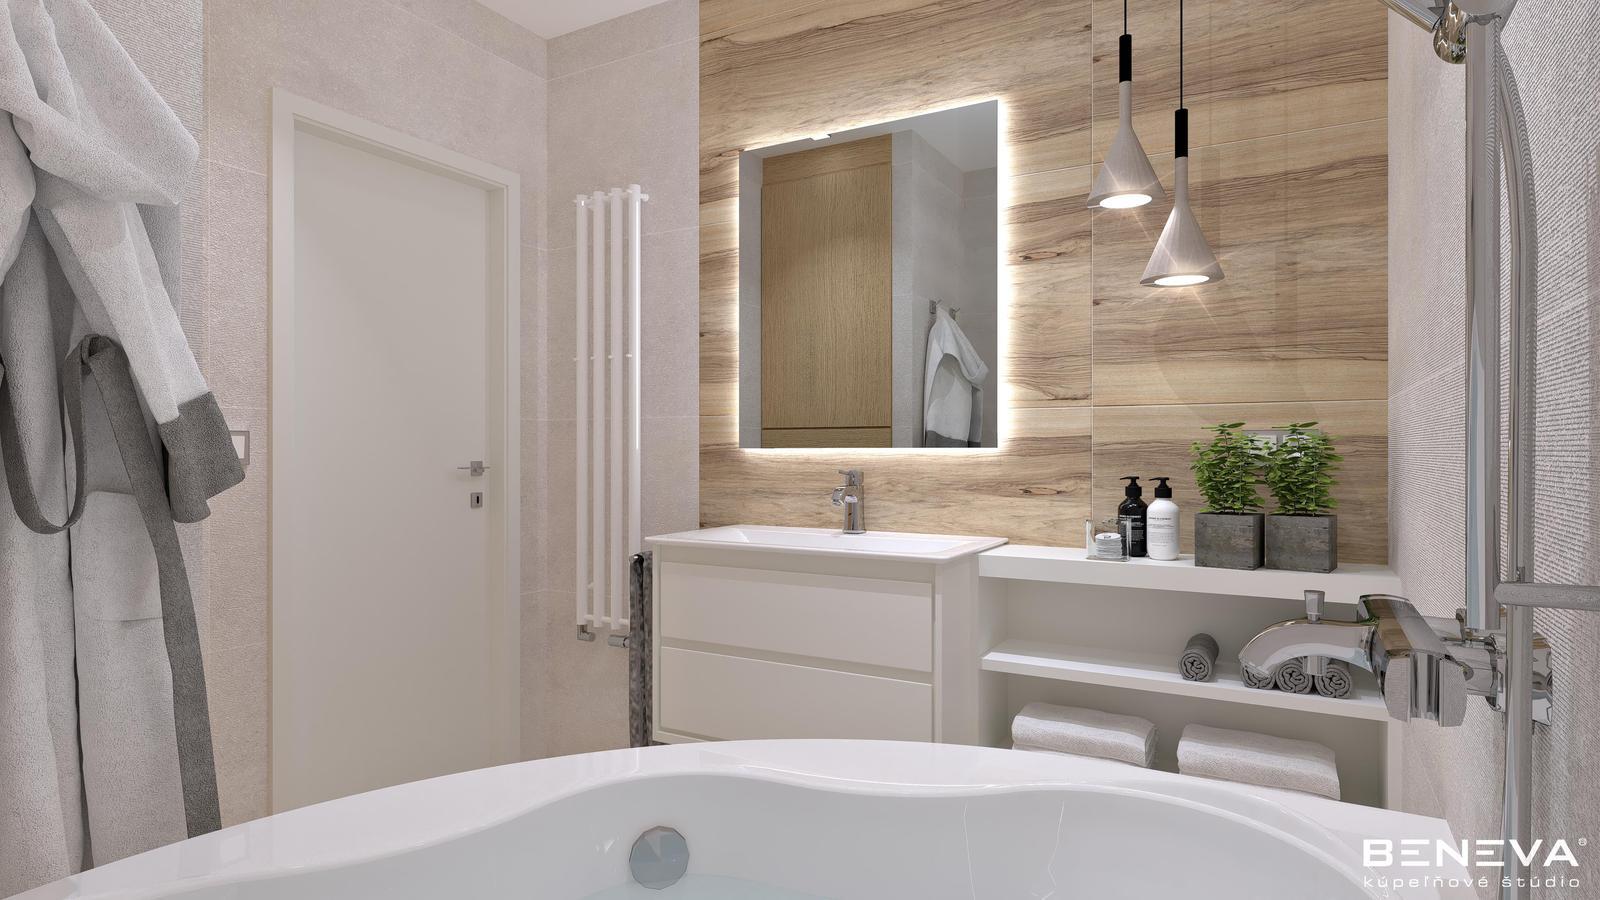 Návrhy kúpeľní 2021 - Obrázok č. 16